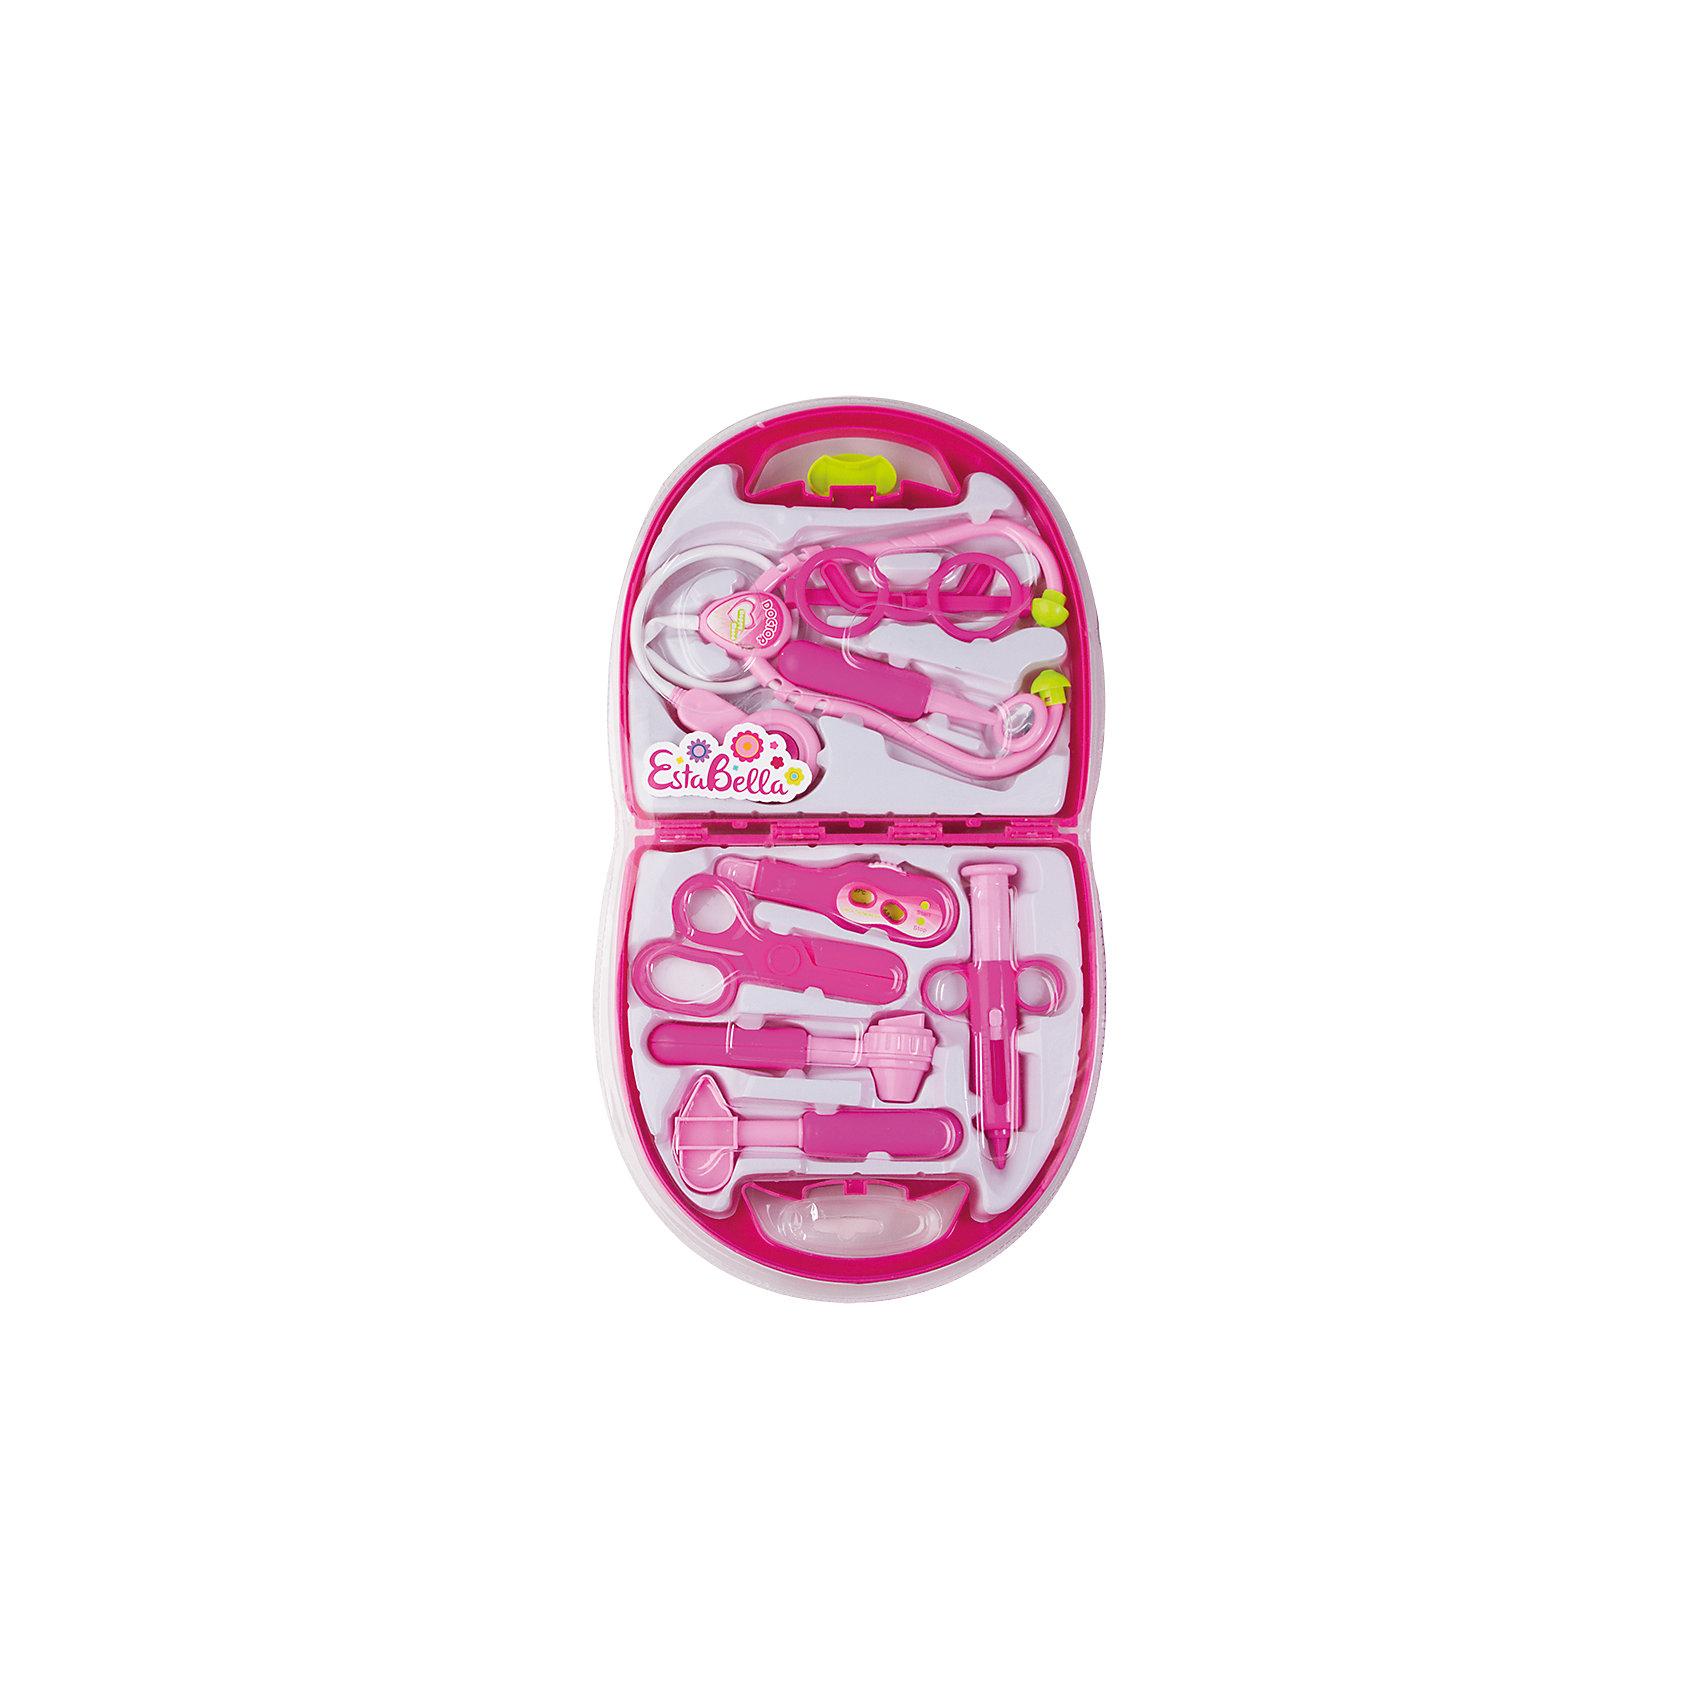 Чемоданчик доктора, EstaBellaСюжетно-ролевые игры<br>Чемоданчик доктора, EstaBella (Эстабелла) – это красочный набор для увлекательных сюжетно-ролевых игр.<br>Набор Чемоданчик доктора от компании EstaBella (Эстабелла) перенесет вашего ребенка в увлекательный мир игры, фантазии и воображения. В набор входит все необходимое для начинающего врача: молоточек, ножницы, шприц, фонендоскоп, глюкометр, ложечка и отоскоп. А чтобы все точно знали, что перед ними действительно доктор, малыш может одеть специальные круглые очки. Все элементы набора изготовлены из качественной пластмассы, не имеют острых углов и детально проработаны. Они упакованы в удобный чемоданчик с ручкой, в котором все предметы удобно хранить и легко переносить. Теперь игрушки вашего ребенка всегда будут здоровы!<br><br>Дополнительная информация:<br><br>- В наборе: очки; молоточек; ножницы; шприц; фонендоскоп; глюкомер; ложечка; отоскоп, чемоданчик<br>- Материал: пластмасса<br>- Размер упаковки: 42,5х22,8х3,8 см.<br><br>Набор Чемоданчик доктора, EstaBella (Эстабелла) можно купить в нашем интернет-магазине.<br><br>Ширина мм: 425<br>Глубина мм: 38<br>Высота мм: 228<br>Вес г: 1000<br>Возраст от месяцев: 36<br>Возраст до месяцев: 72<br>Пол: Женский<br>Возраст: Детский<br>SKU: 4552910